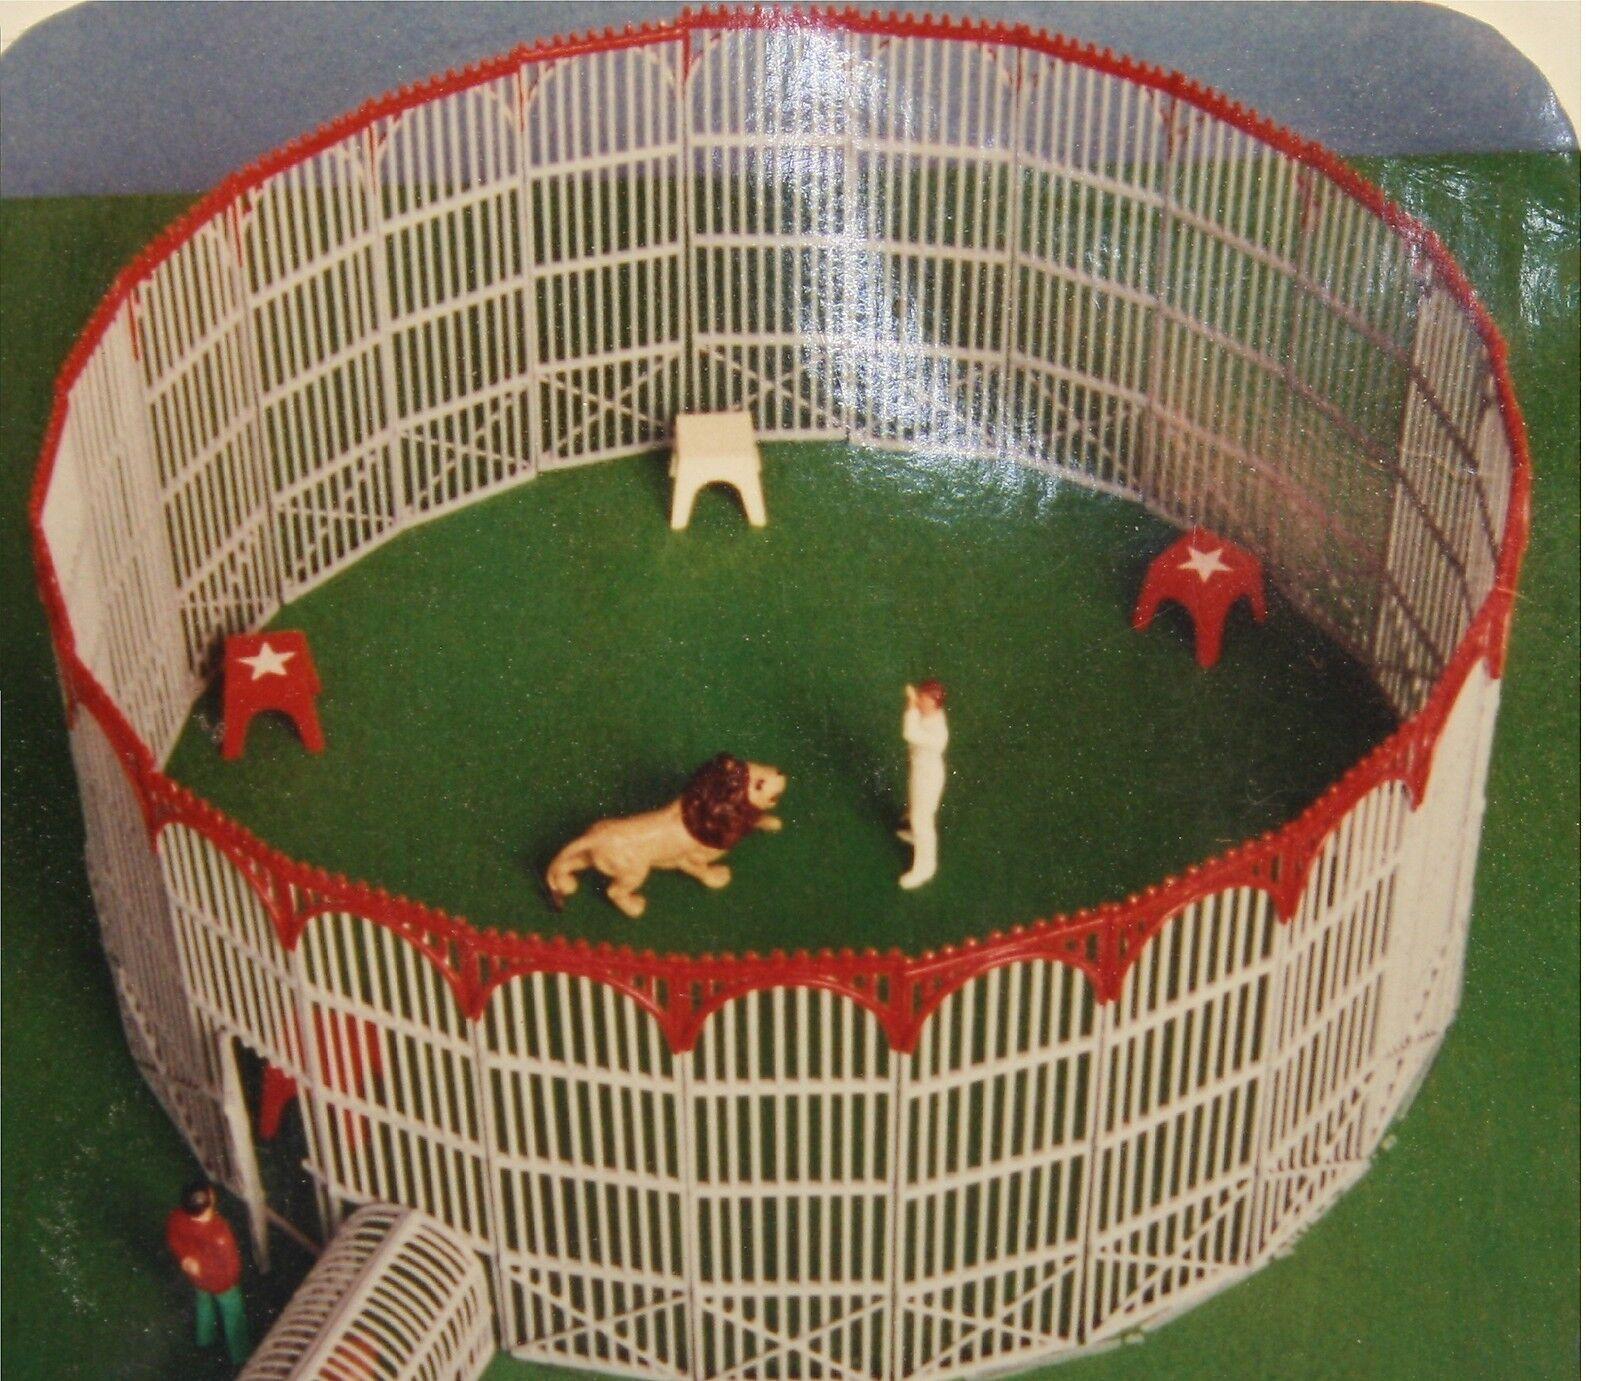 001 - MINICIRQUE - Cage des fauves pour cirque cirque cirque échelle 1 50 3b4aa2